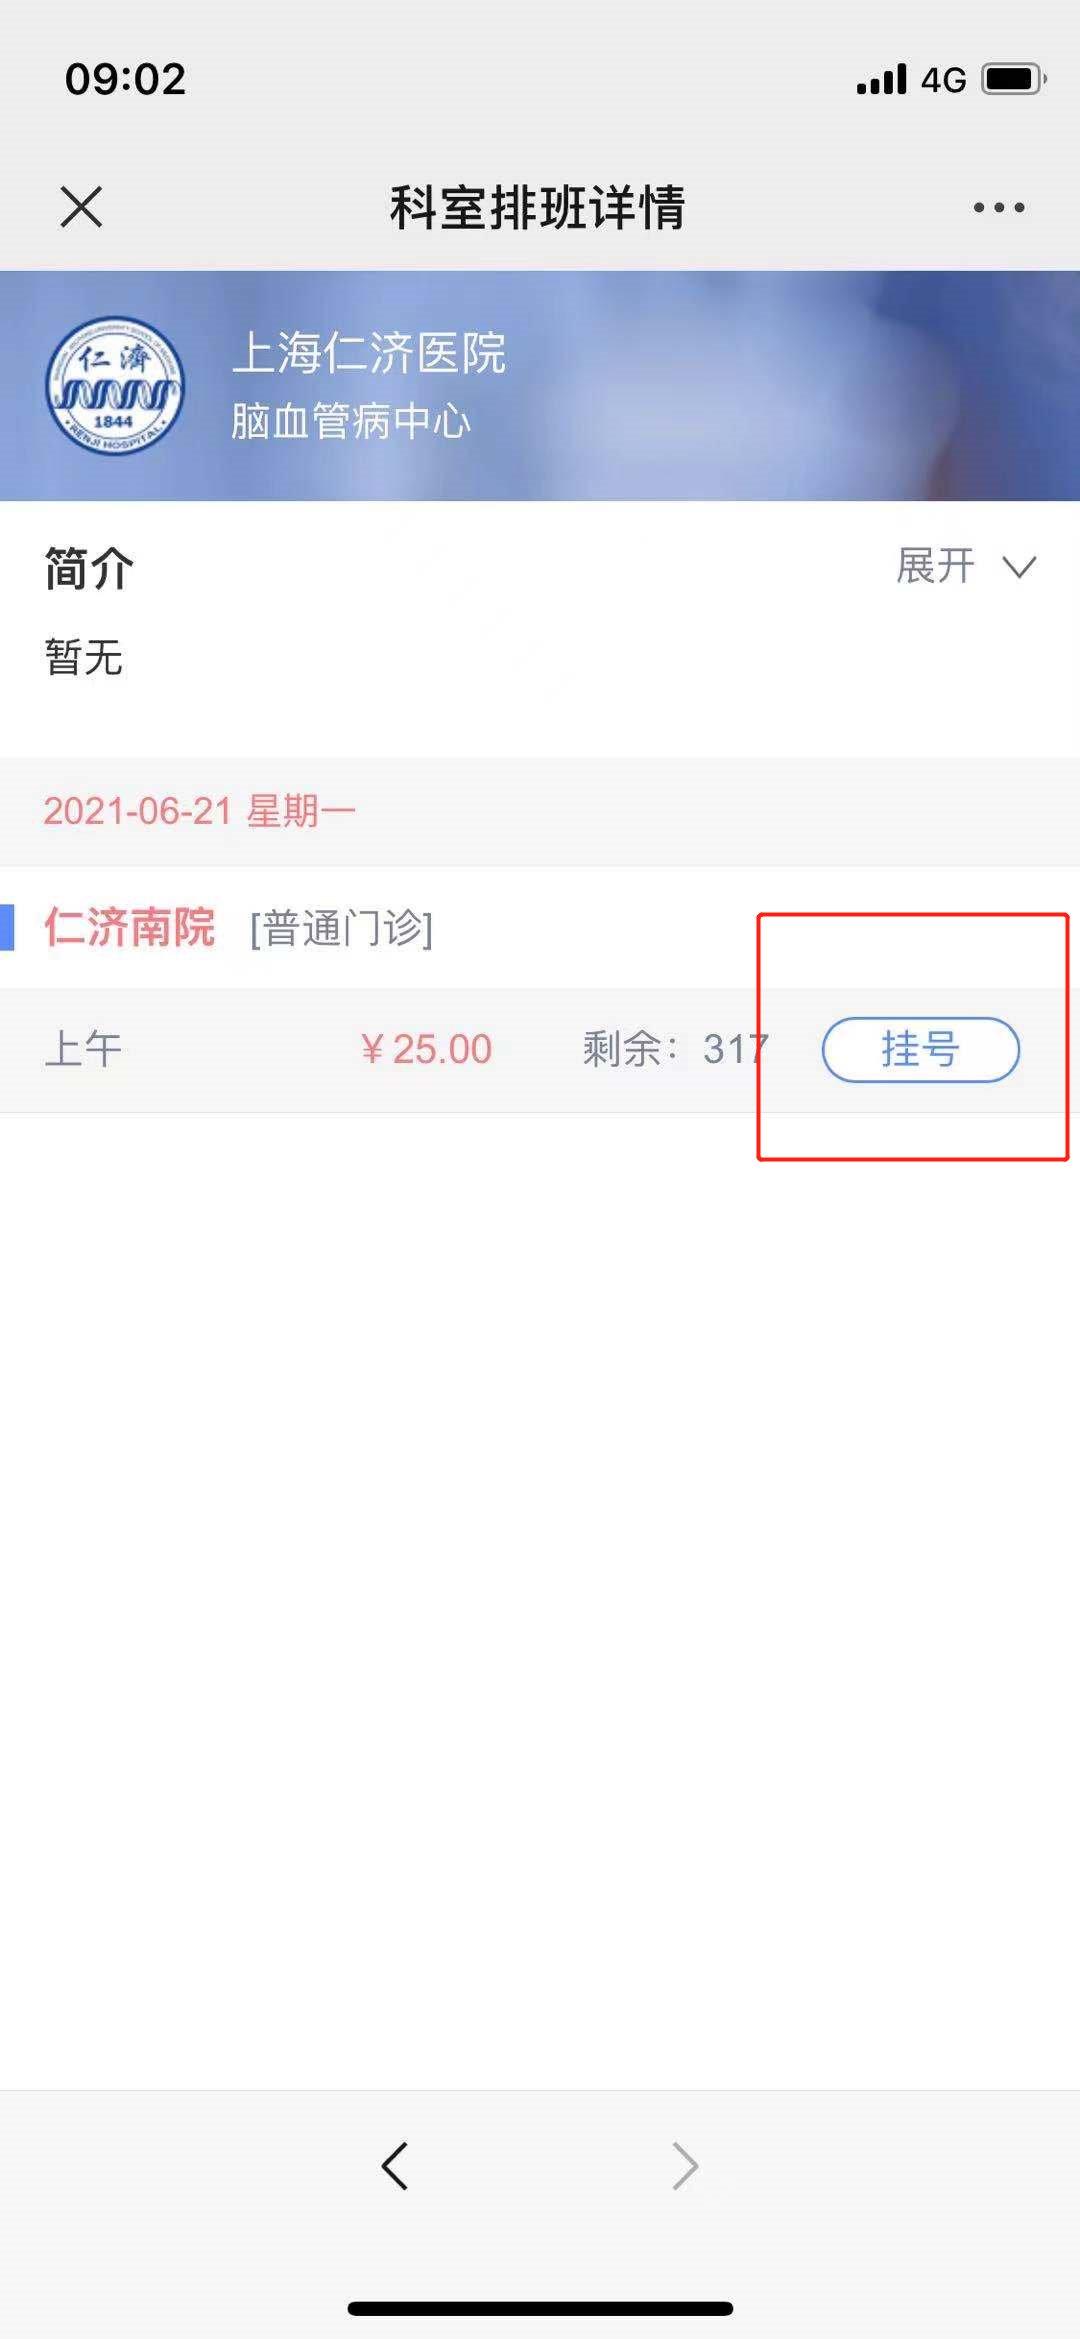 上海仁济医院♀如何微信预约挂号?